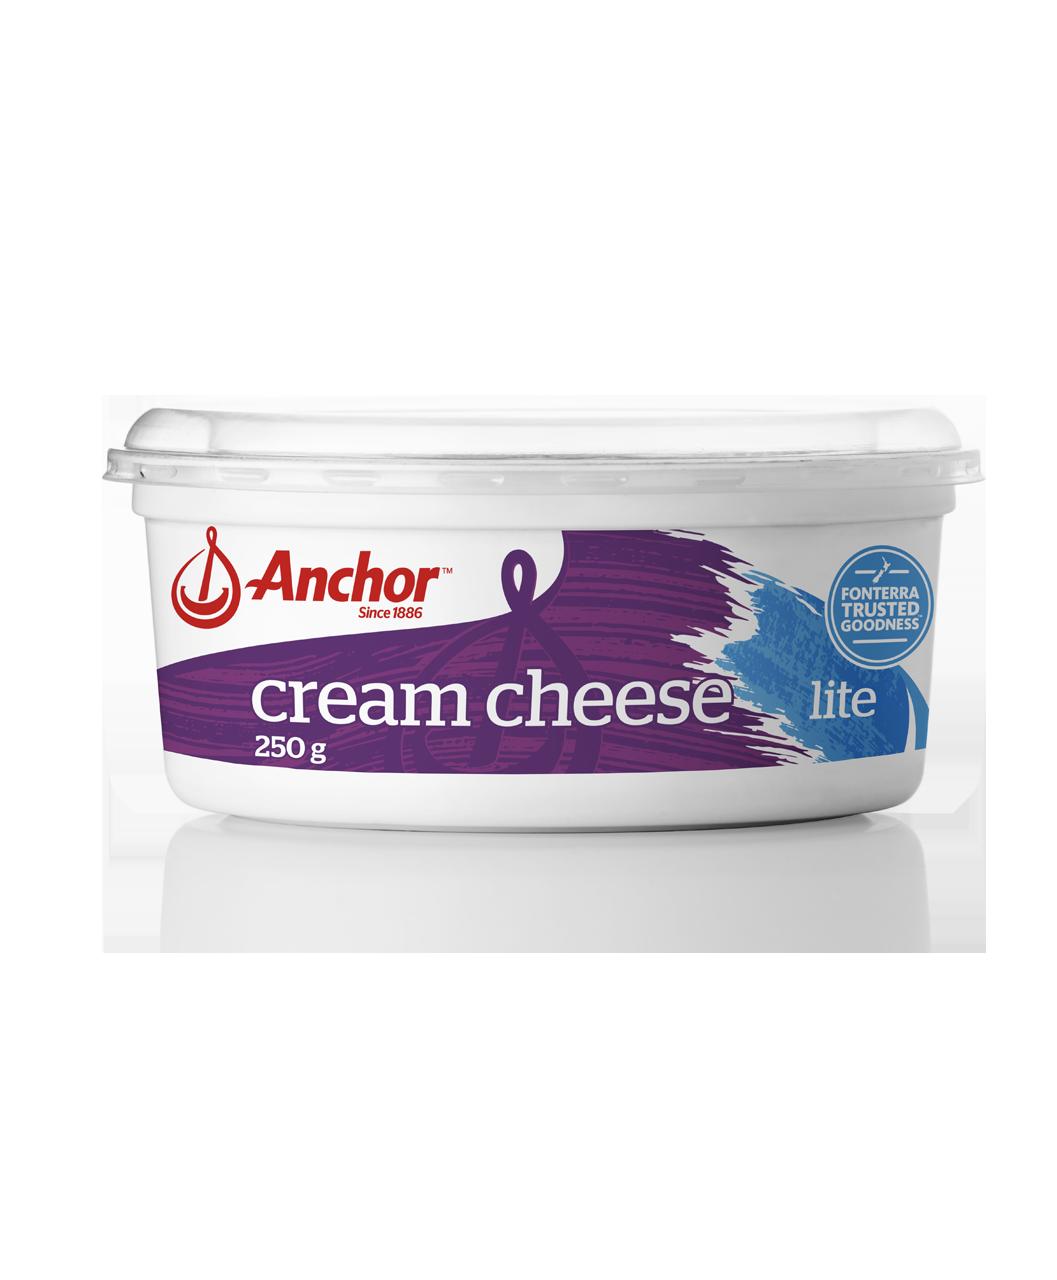 Anchor Cream Cheese Lite 250g